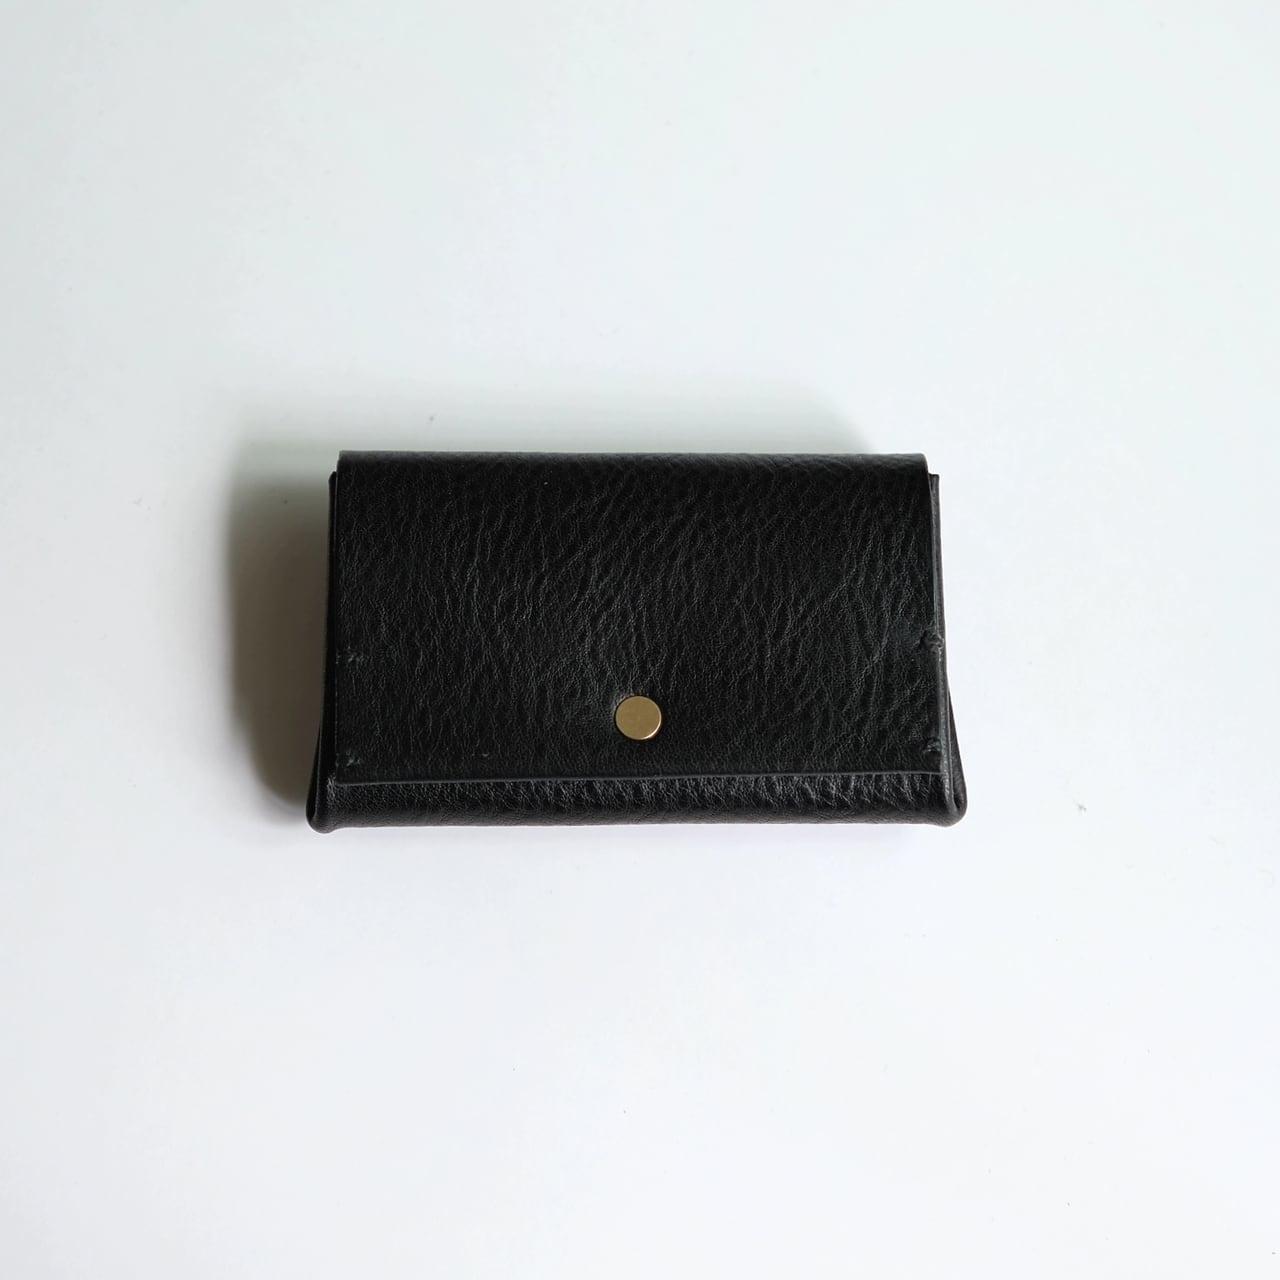 bellowsfold wallet - bk - vacchetta